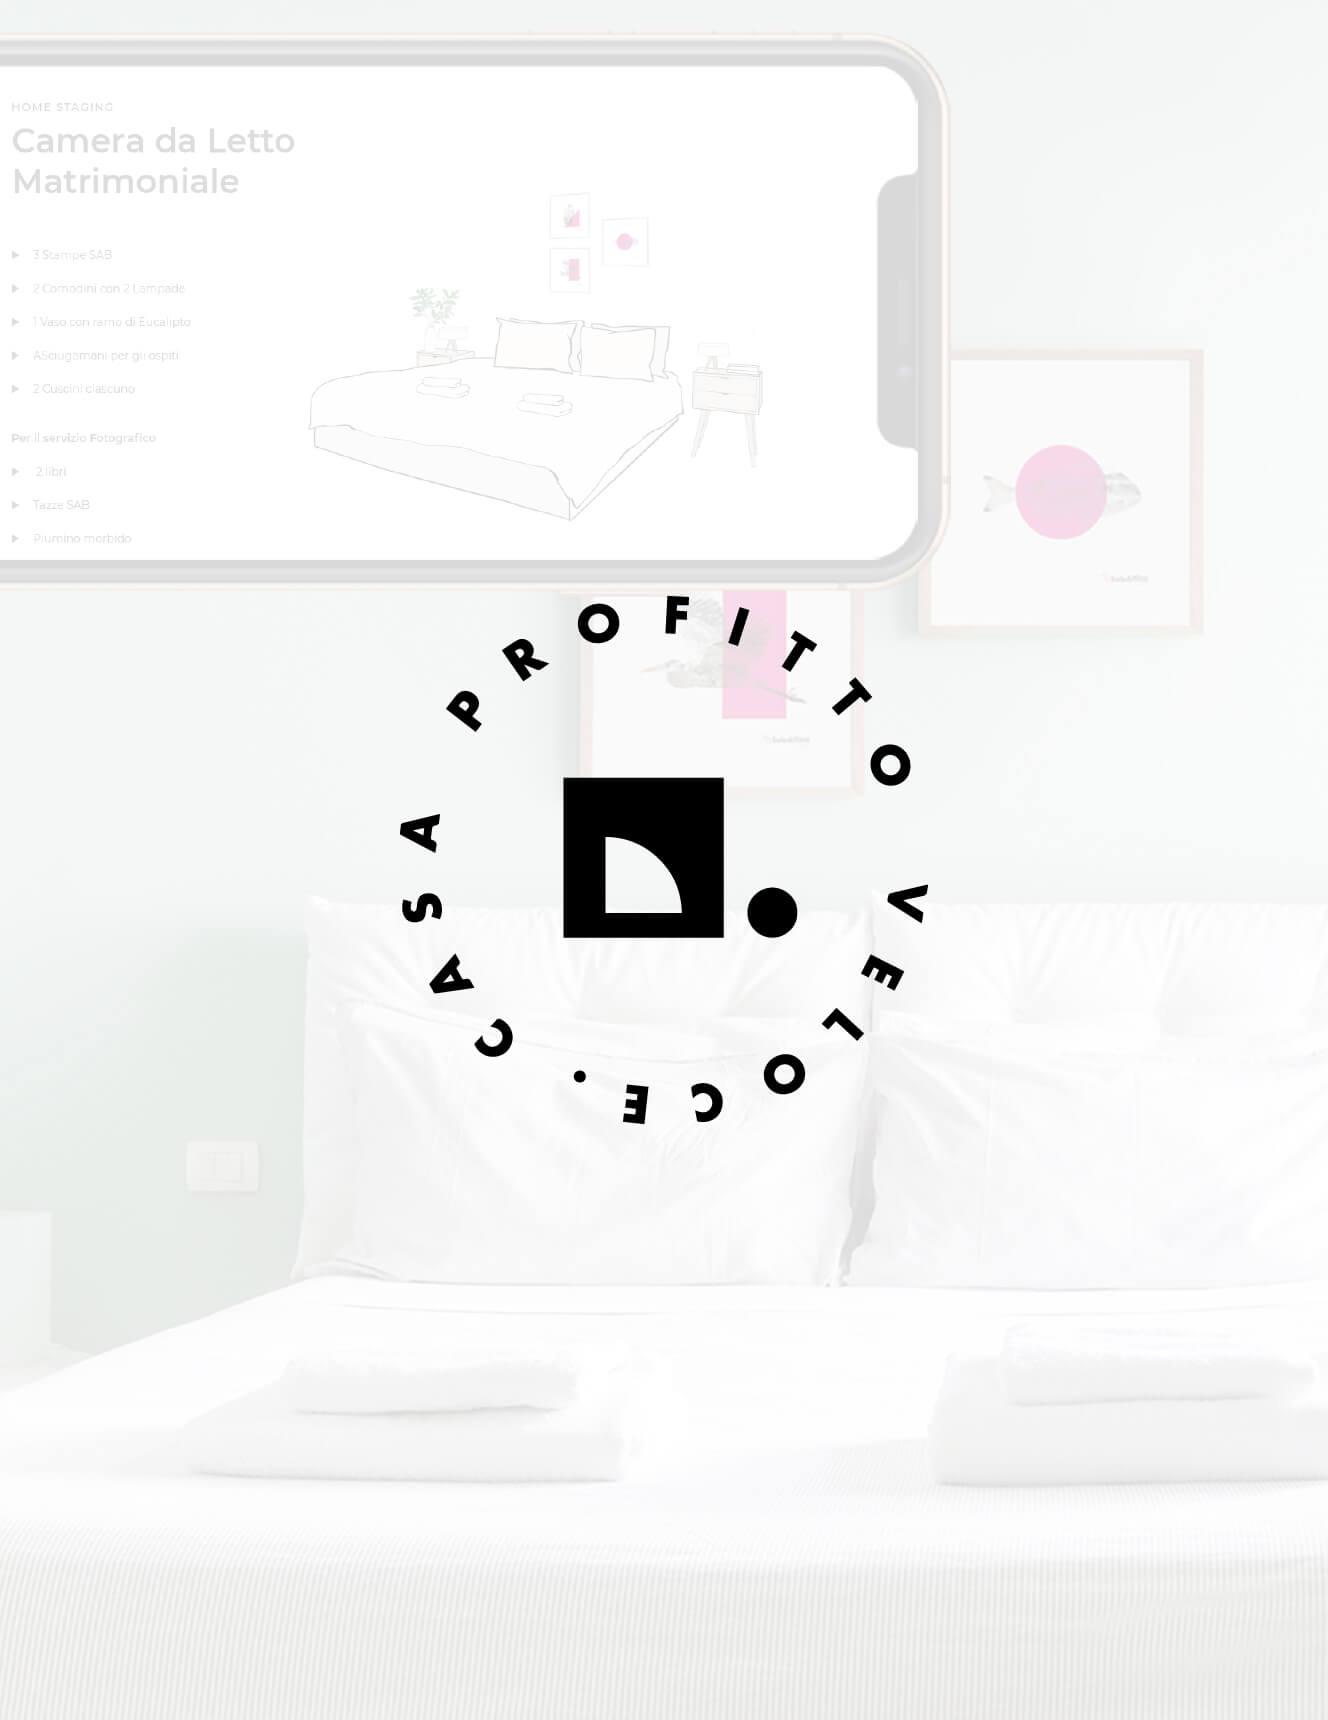 Casa Profitto Veloce soloaffittibrevi solo affitti brevi box partner azienda chi siamo